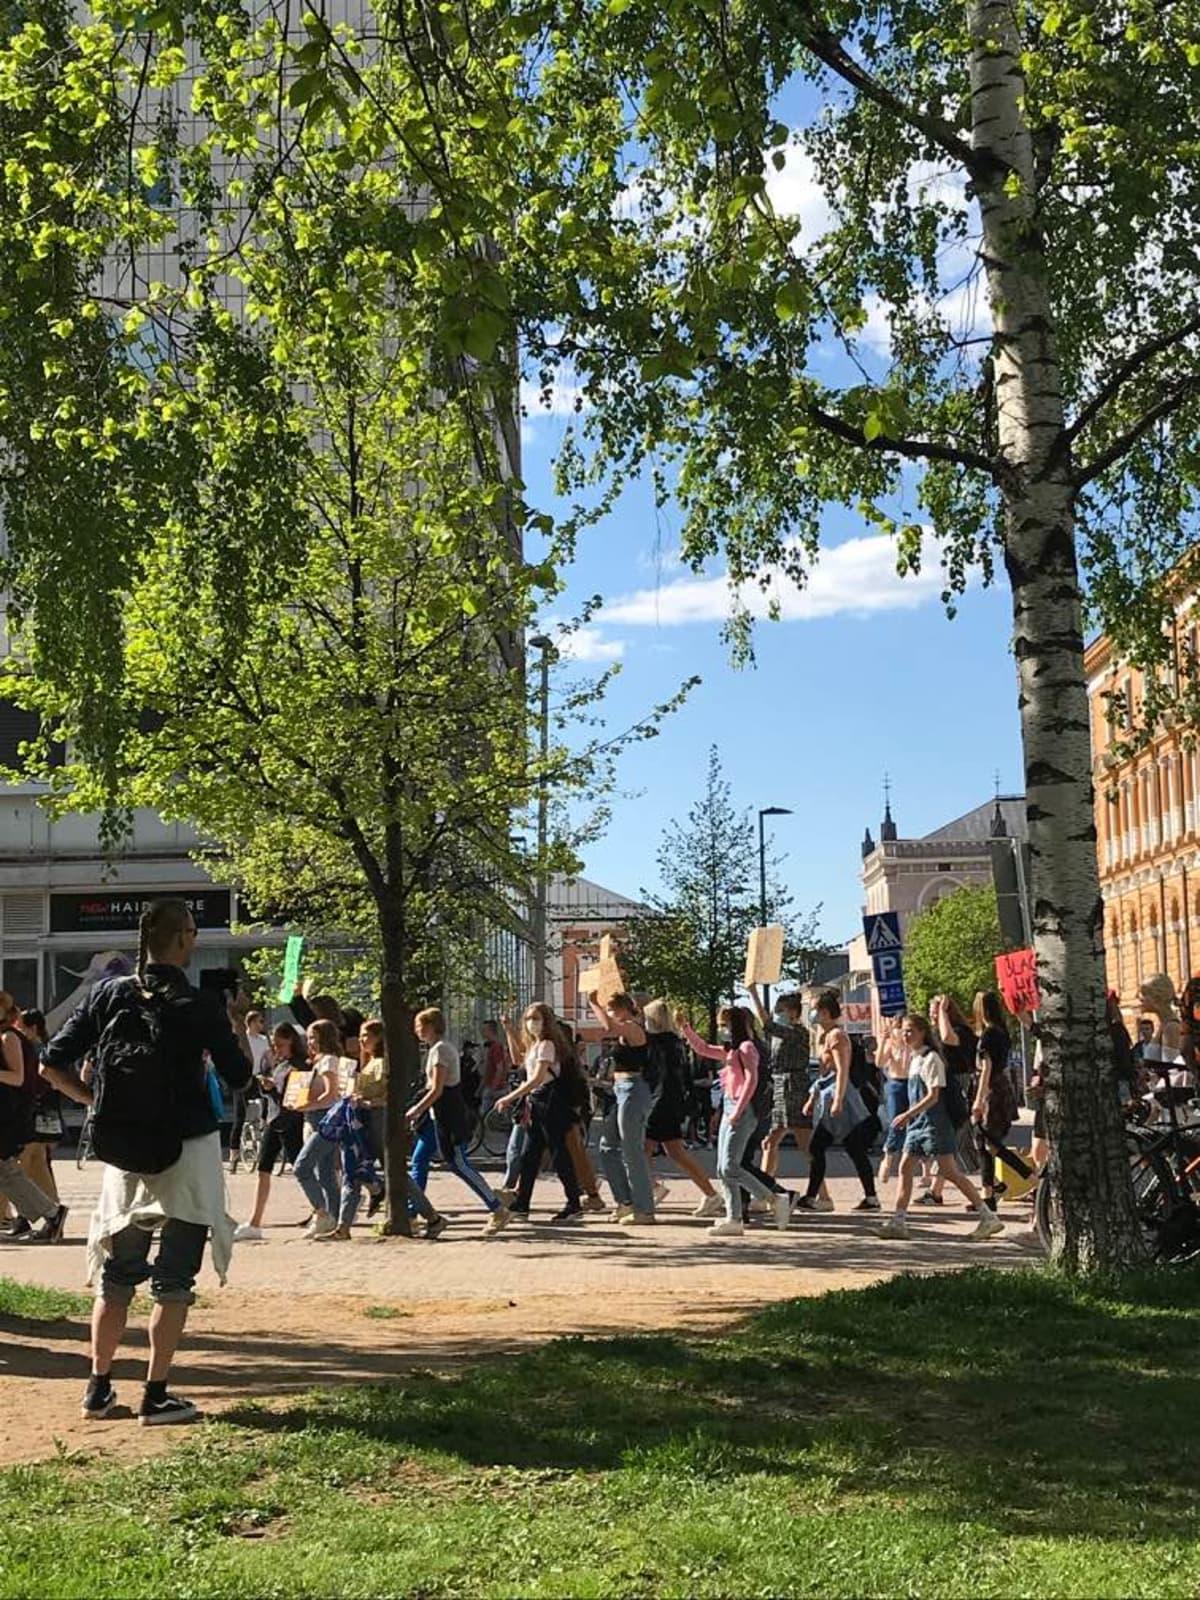 rasismin vastainen mielenosoitus Oulussa 4.6.2020